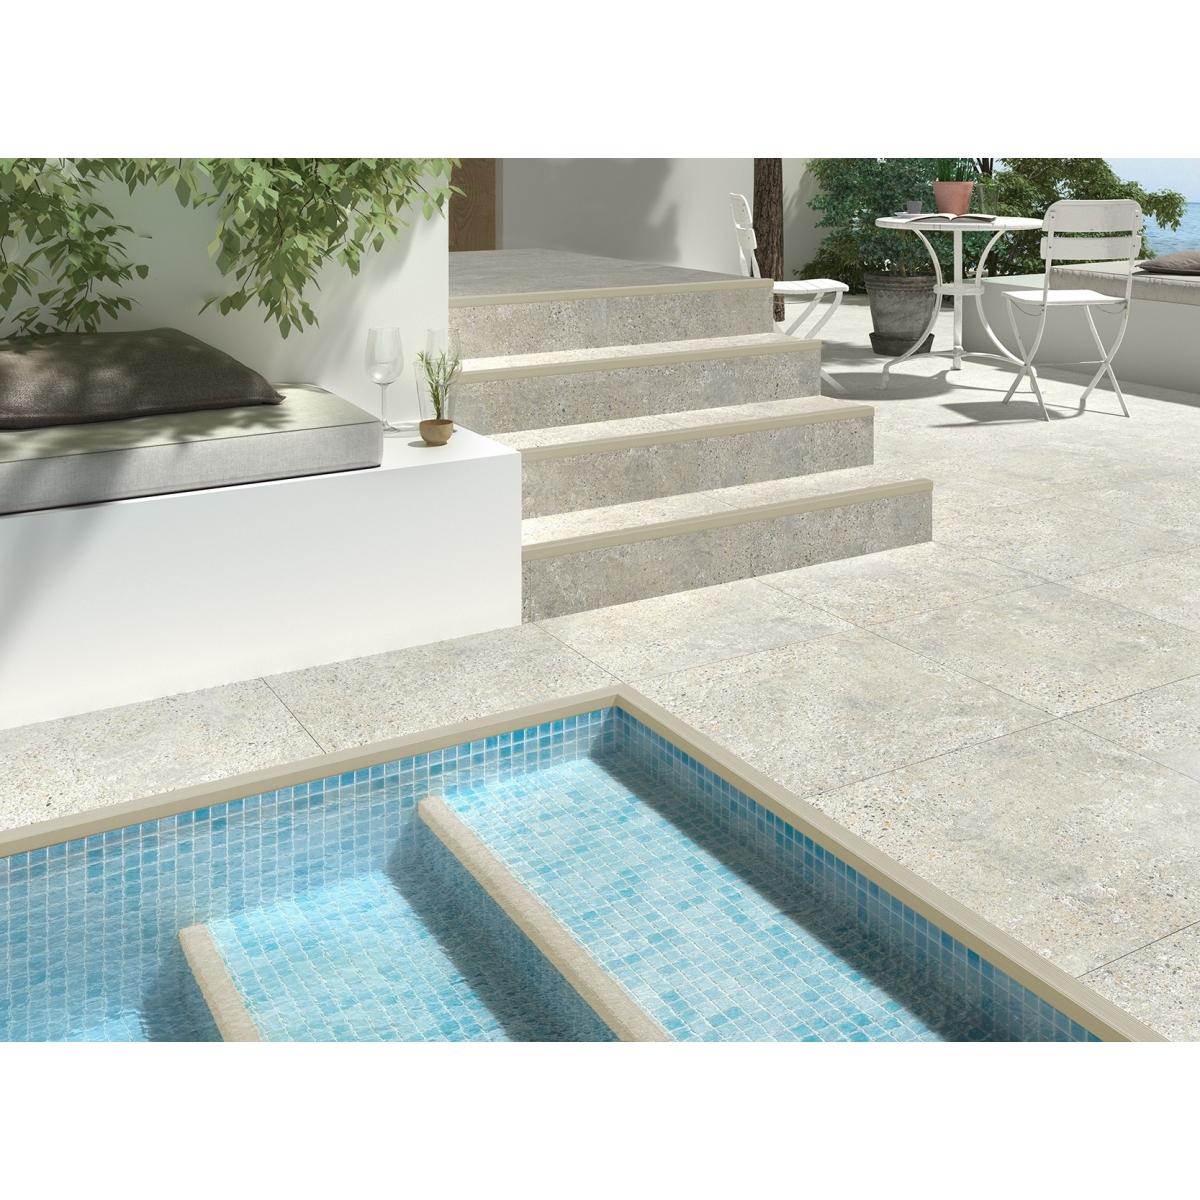 Perfil universal para peldaños y piscinas Astra Nori color canela